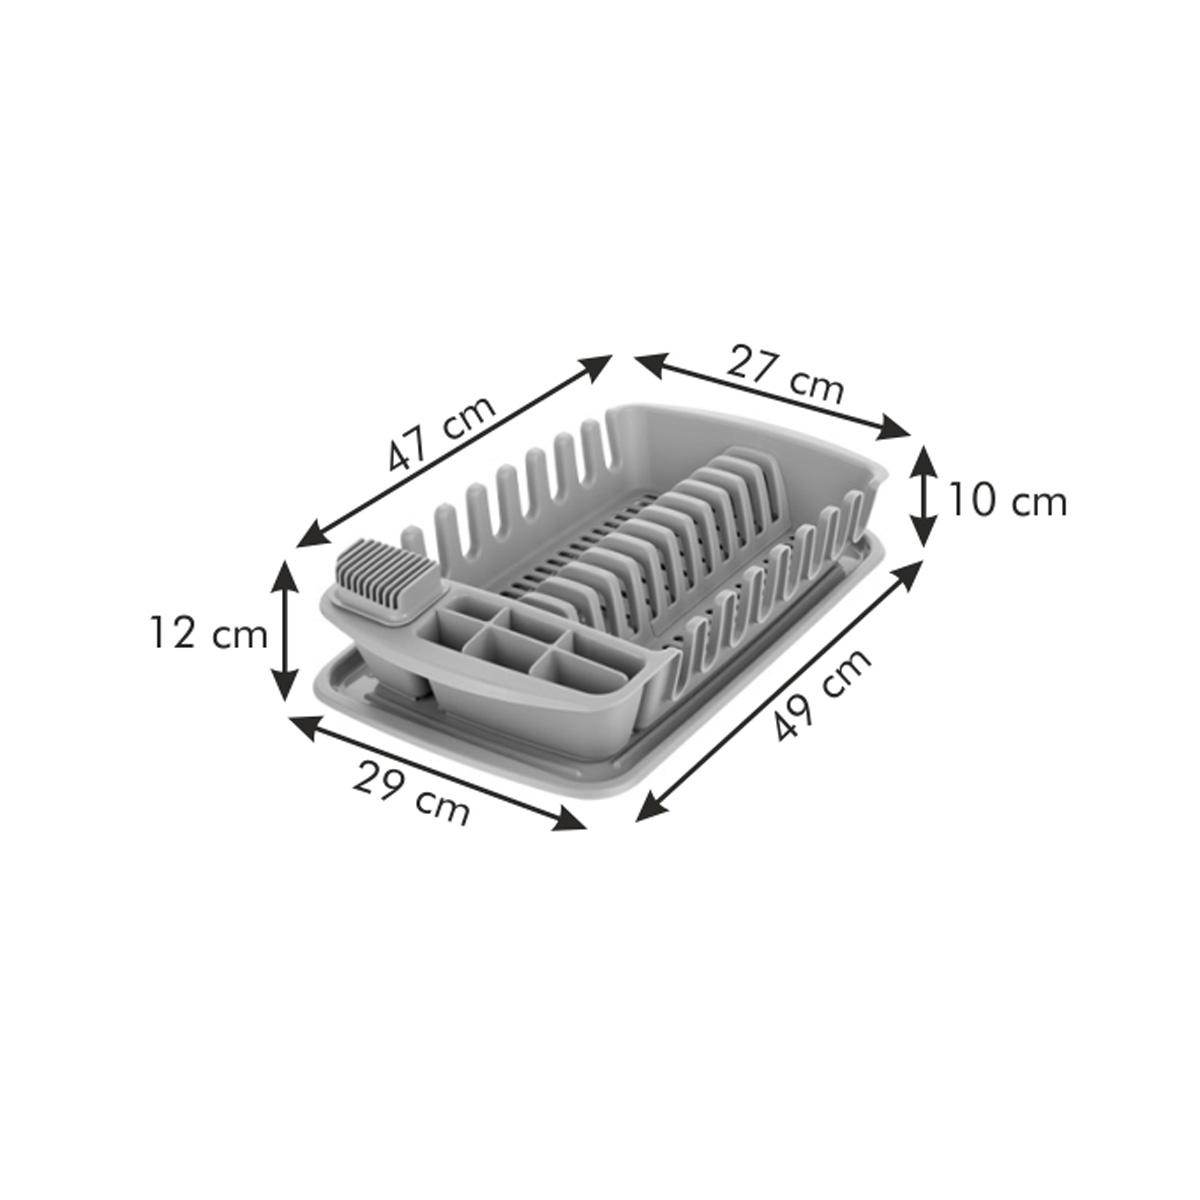 Odkapávač s podnosem CLEAN KIT, šedý